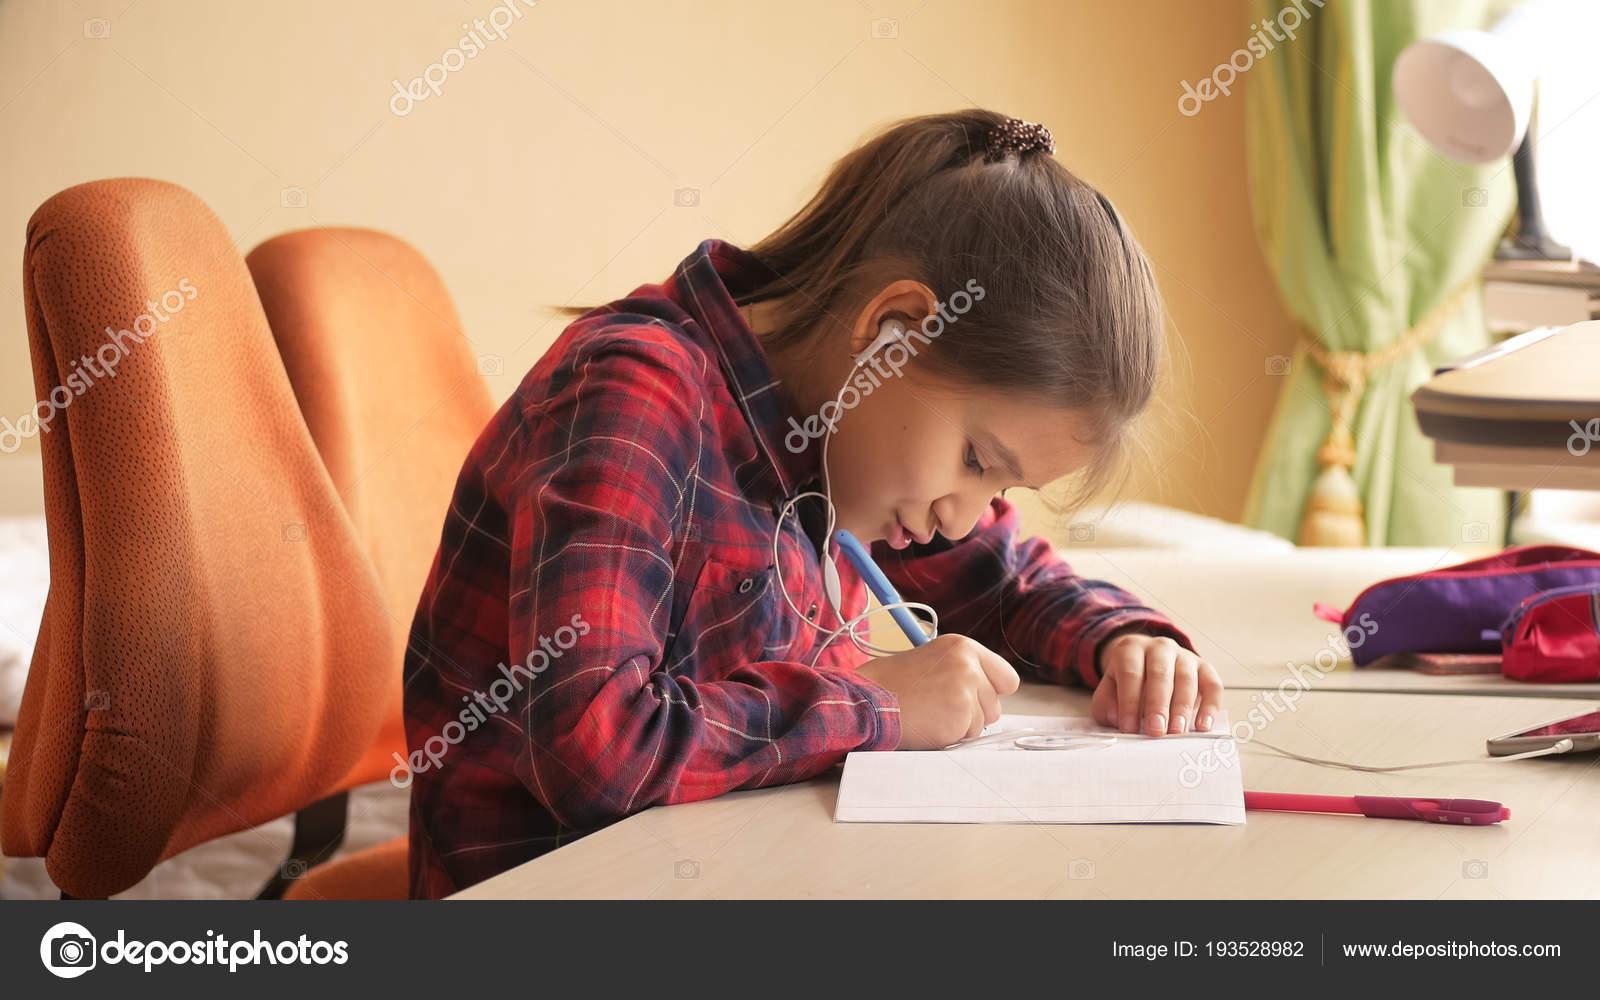 good music for doing homework